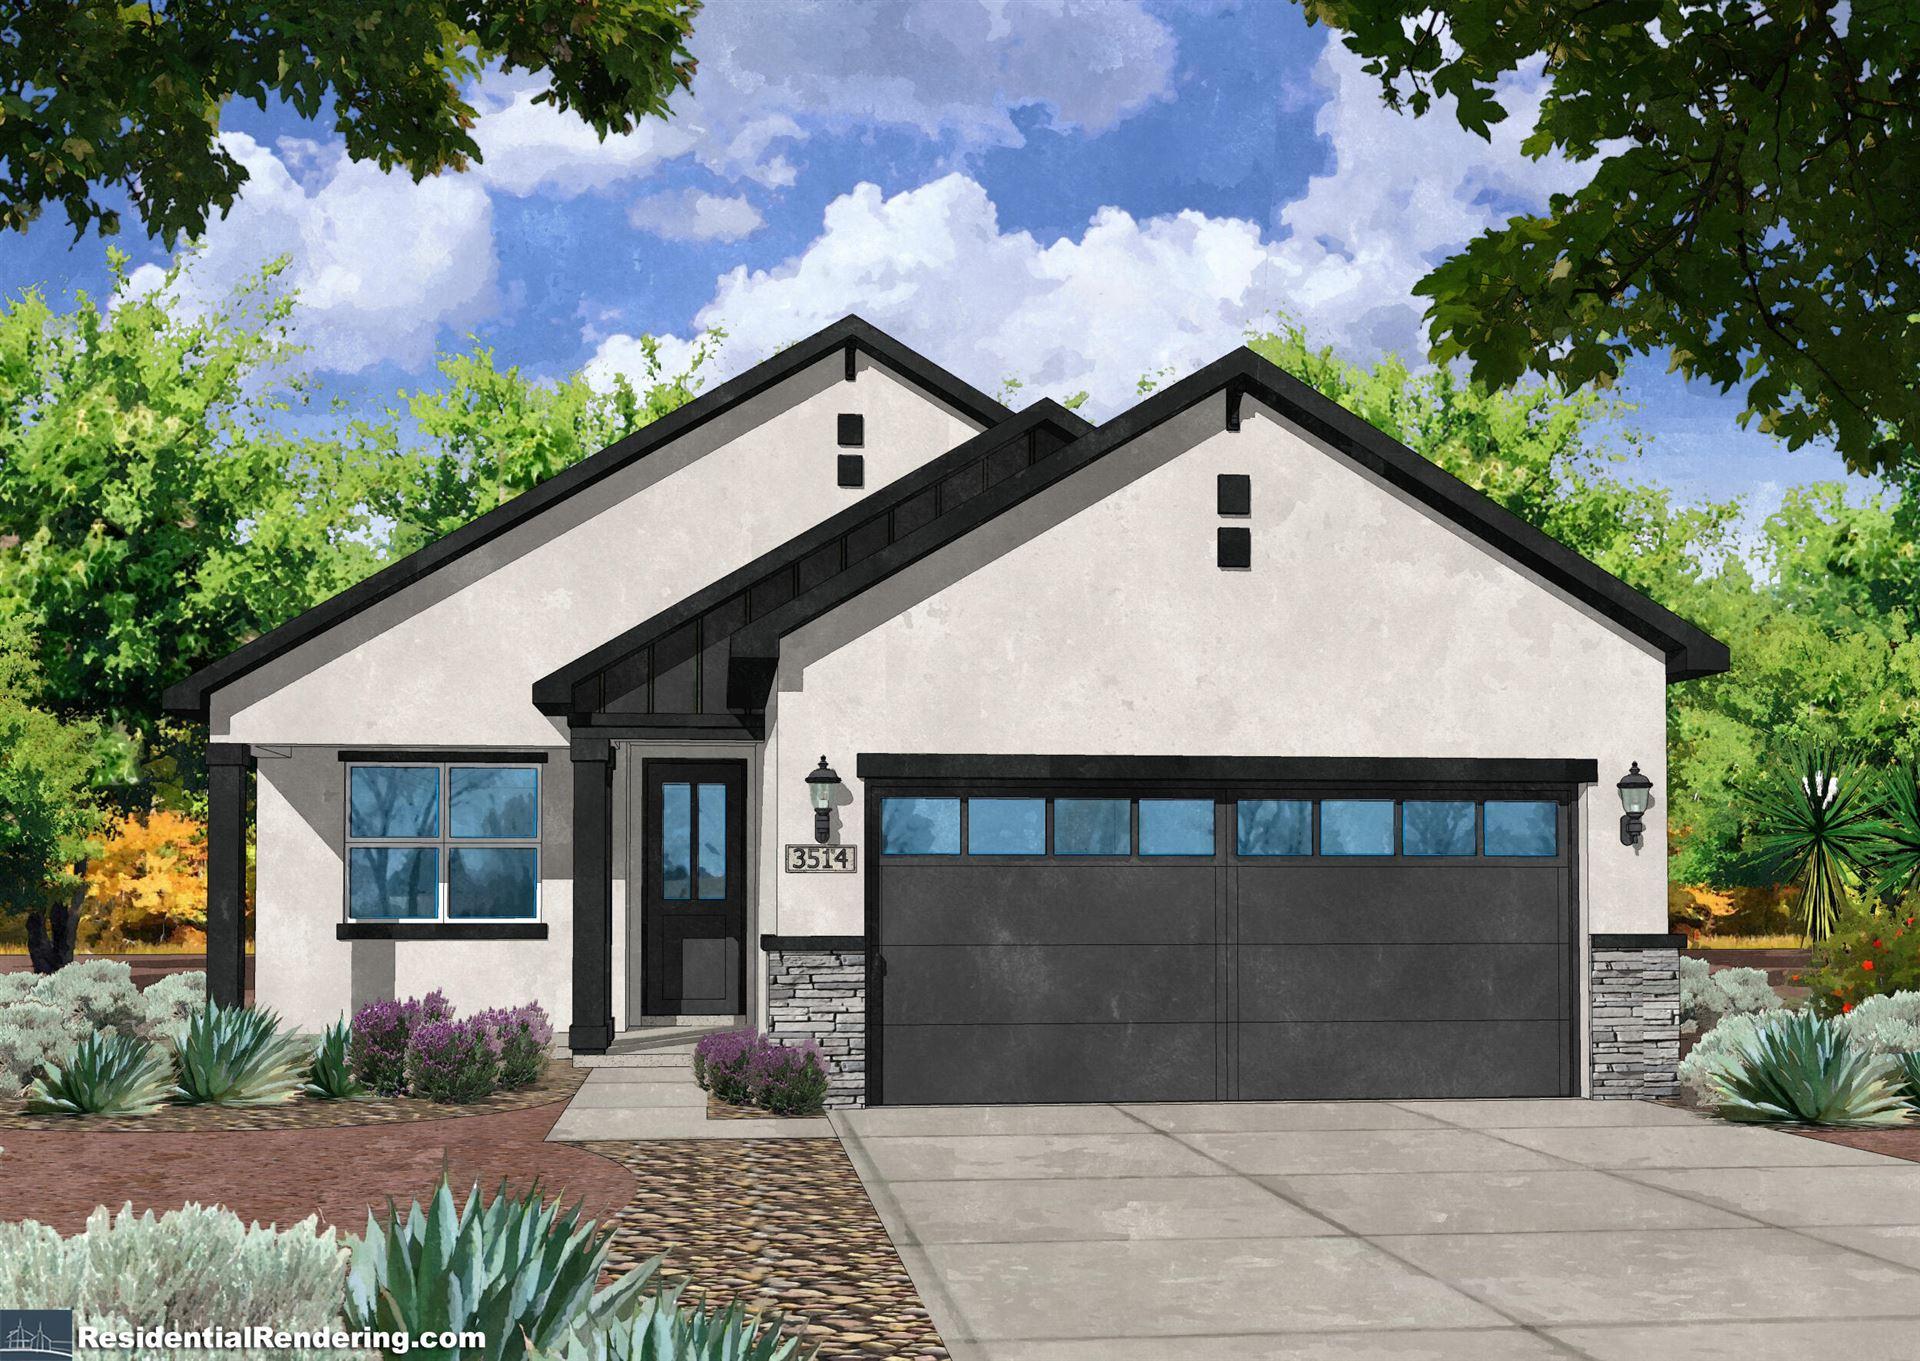 Photo of 6705 Delgado Way NE, Rio Rancho, NM 87144 (MLS # 991715)